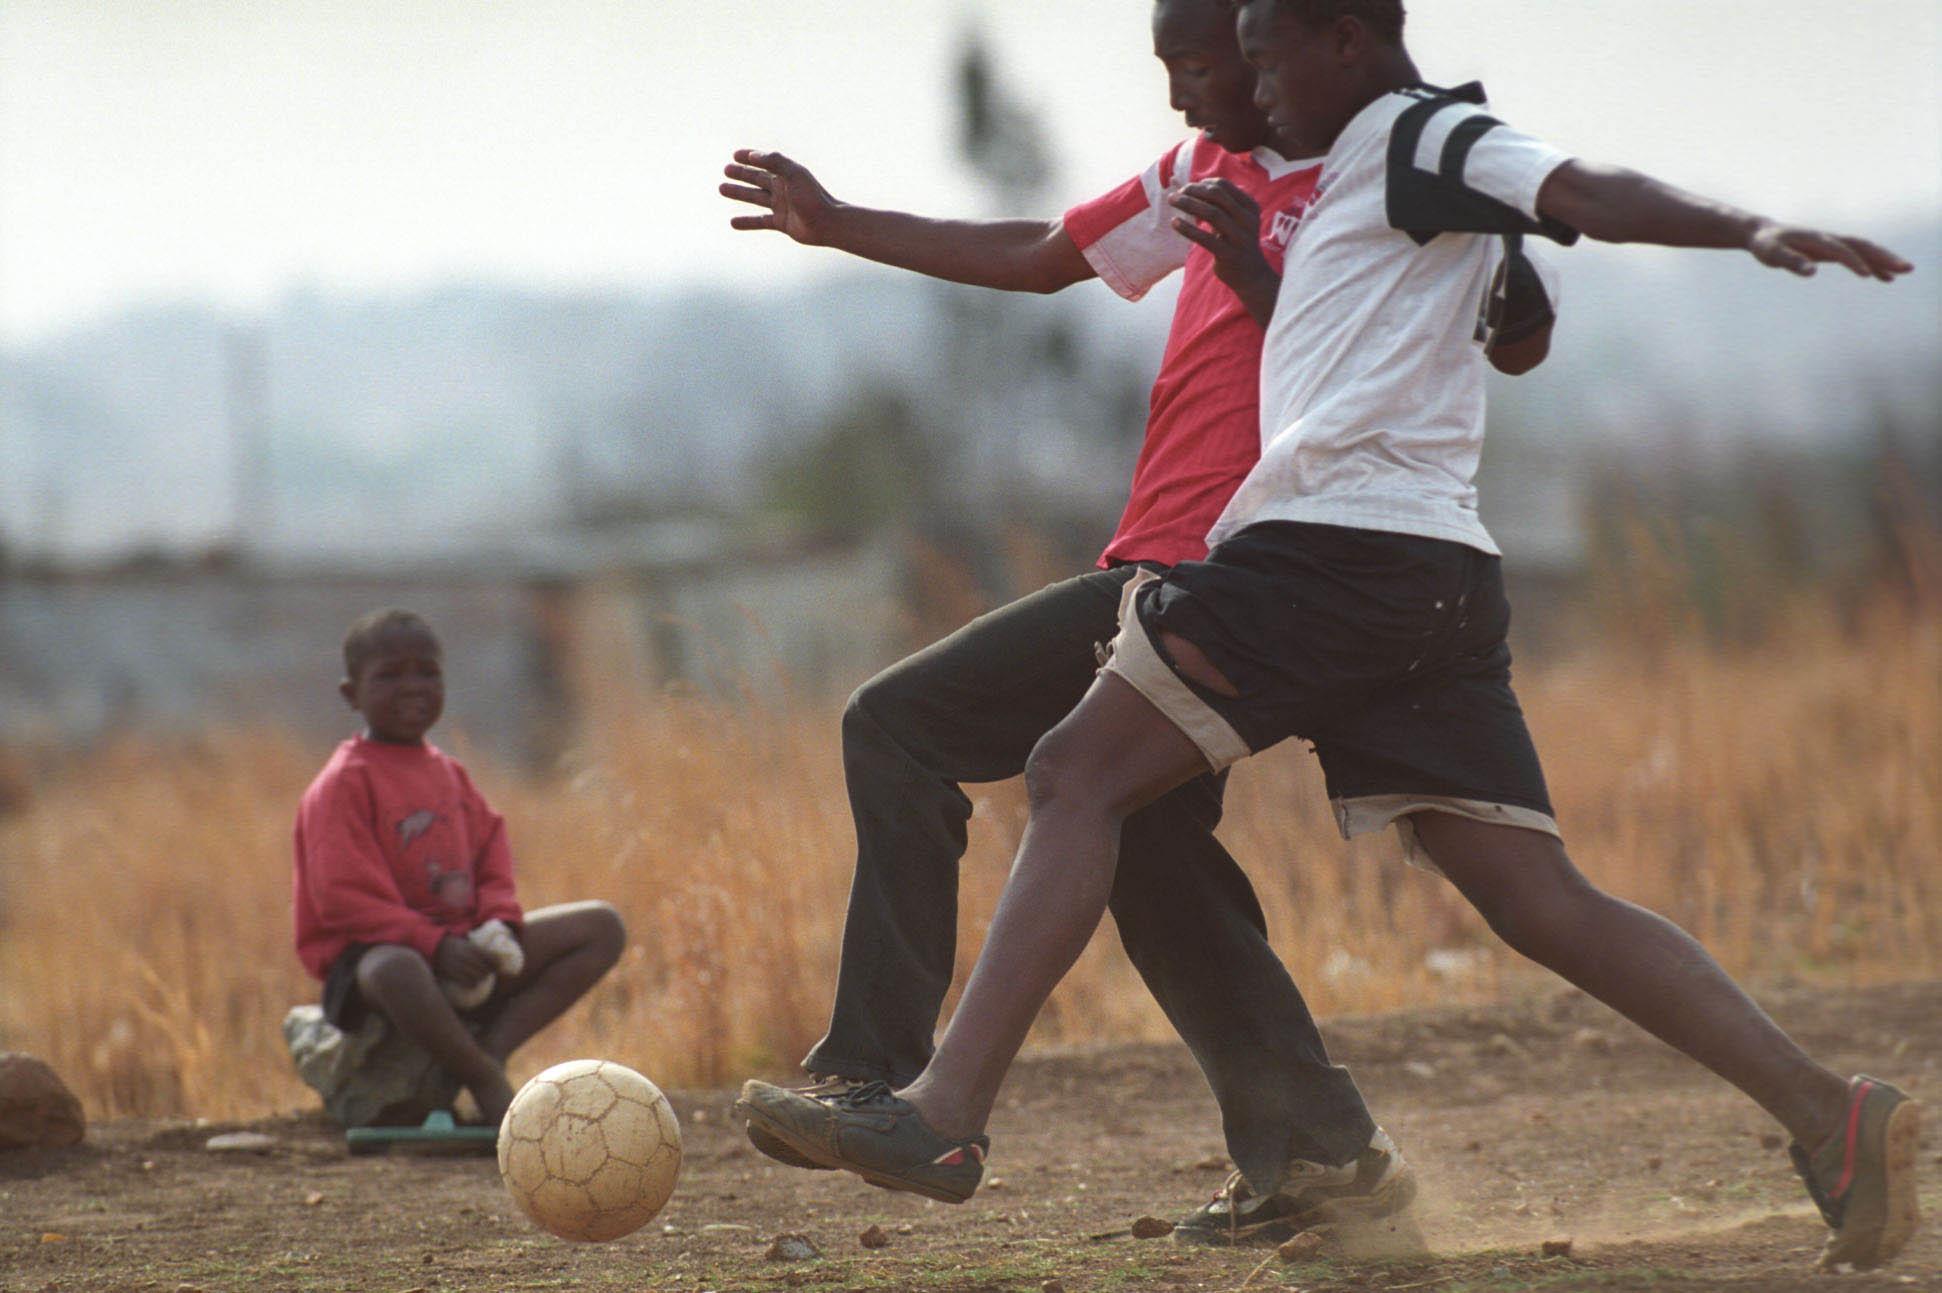 africa soccer ile ilgili görsel sonucu